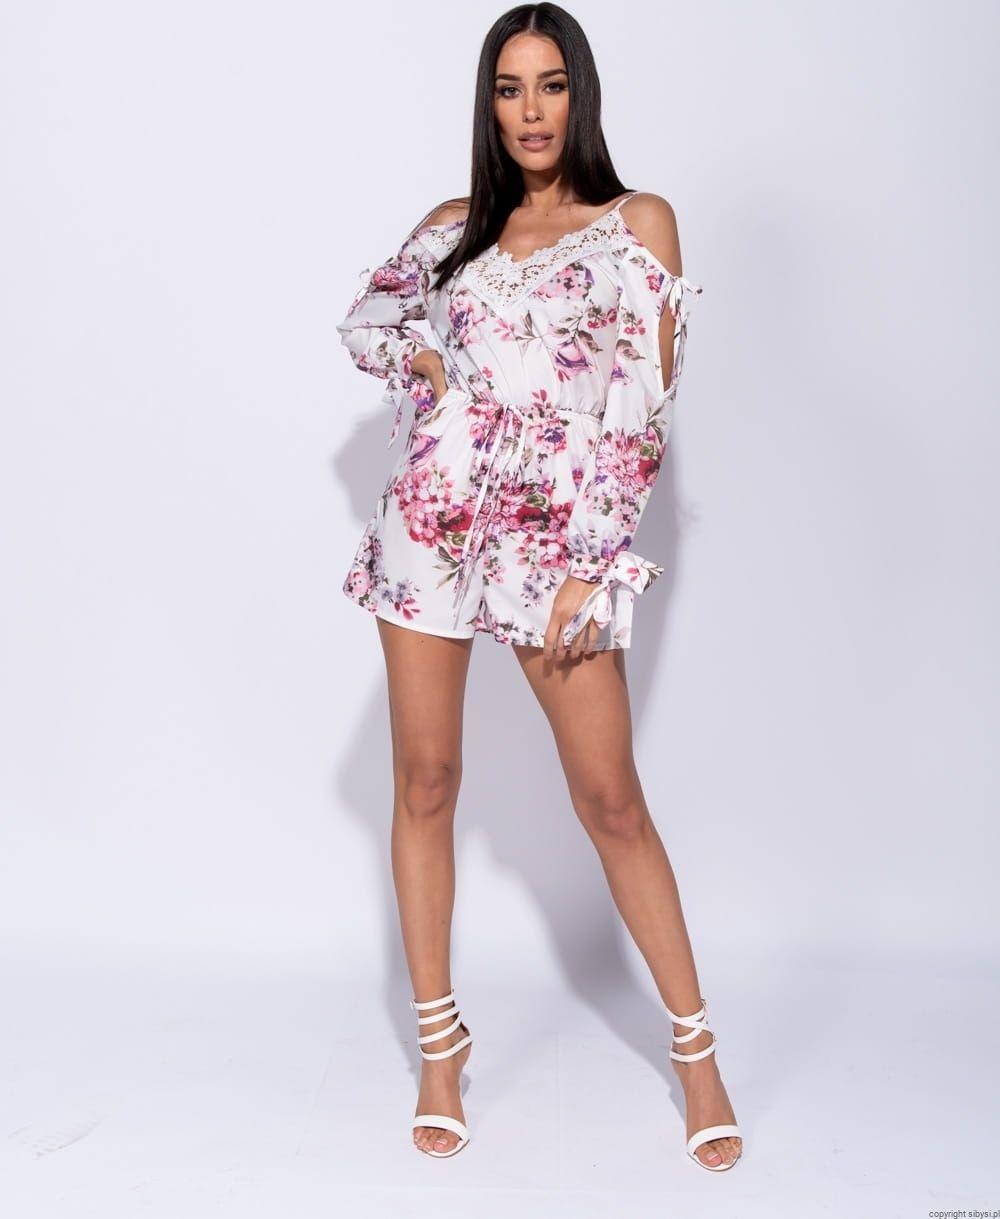 Krotki Kombinezon W Kwiaty Lou Boho Fashion Casual Dress Fashion